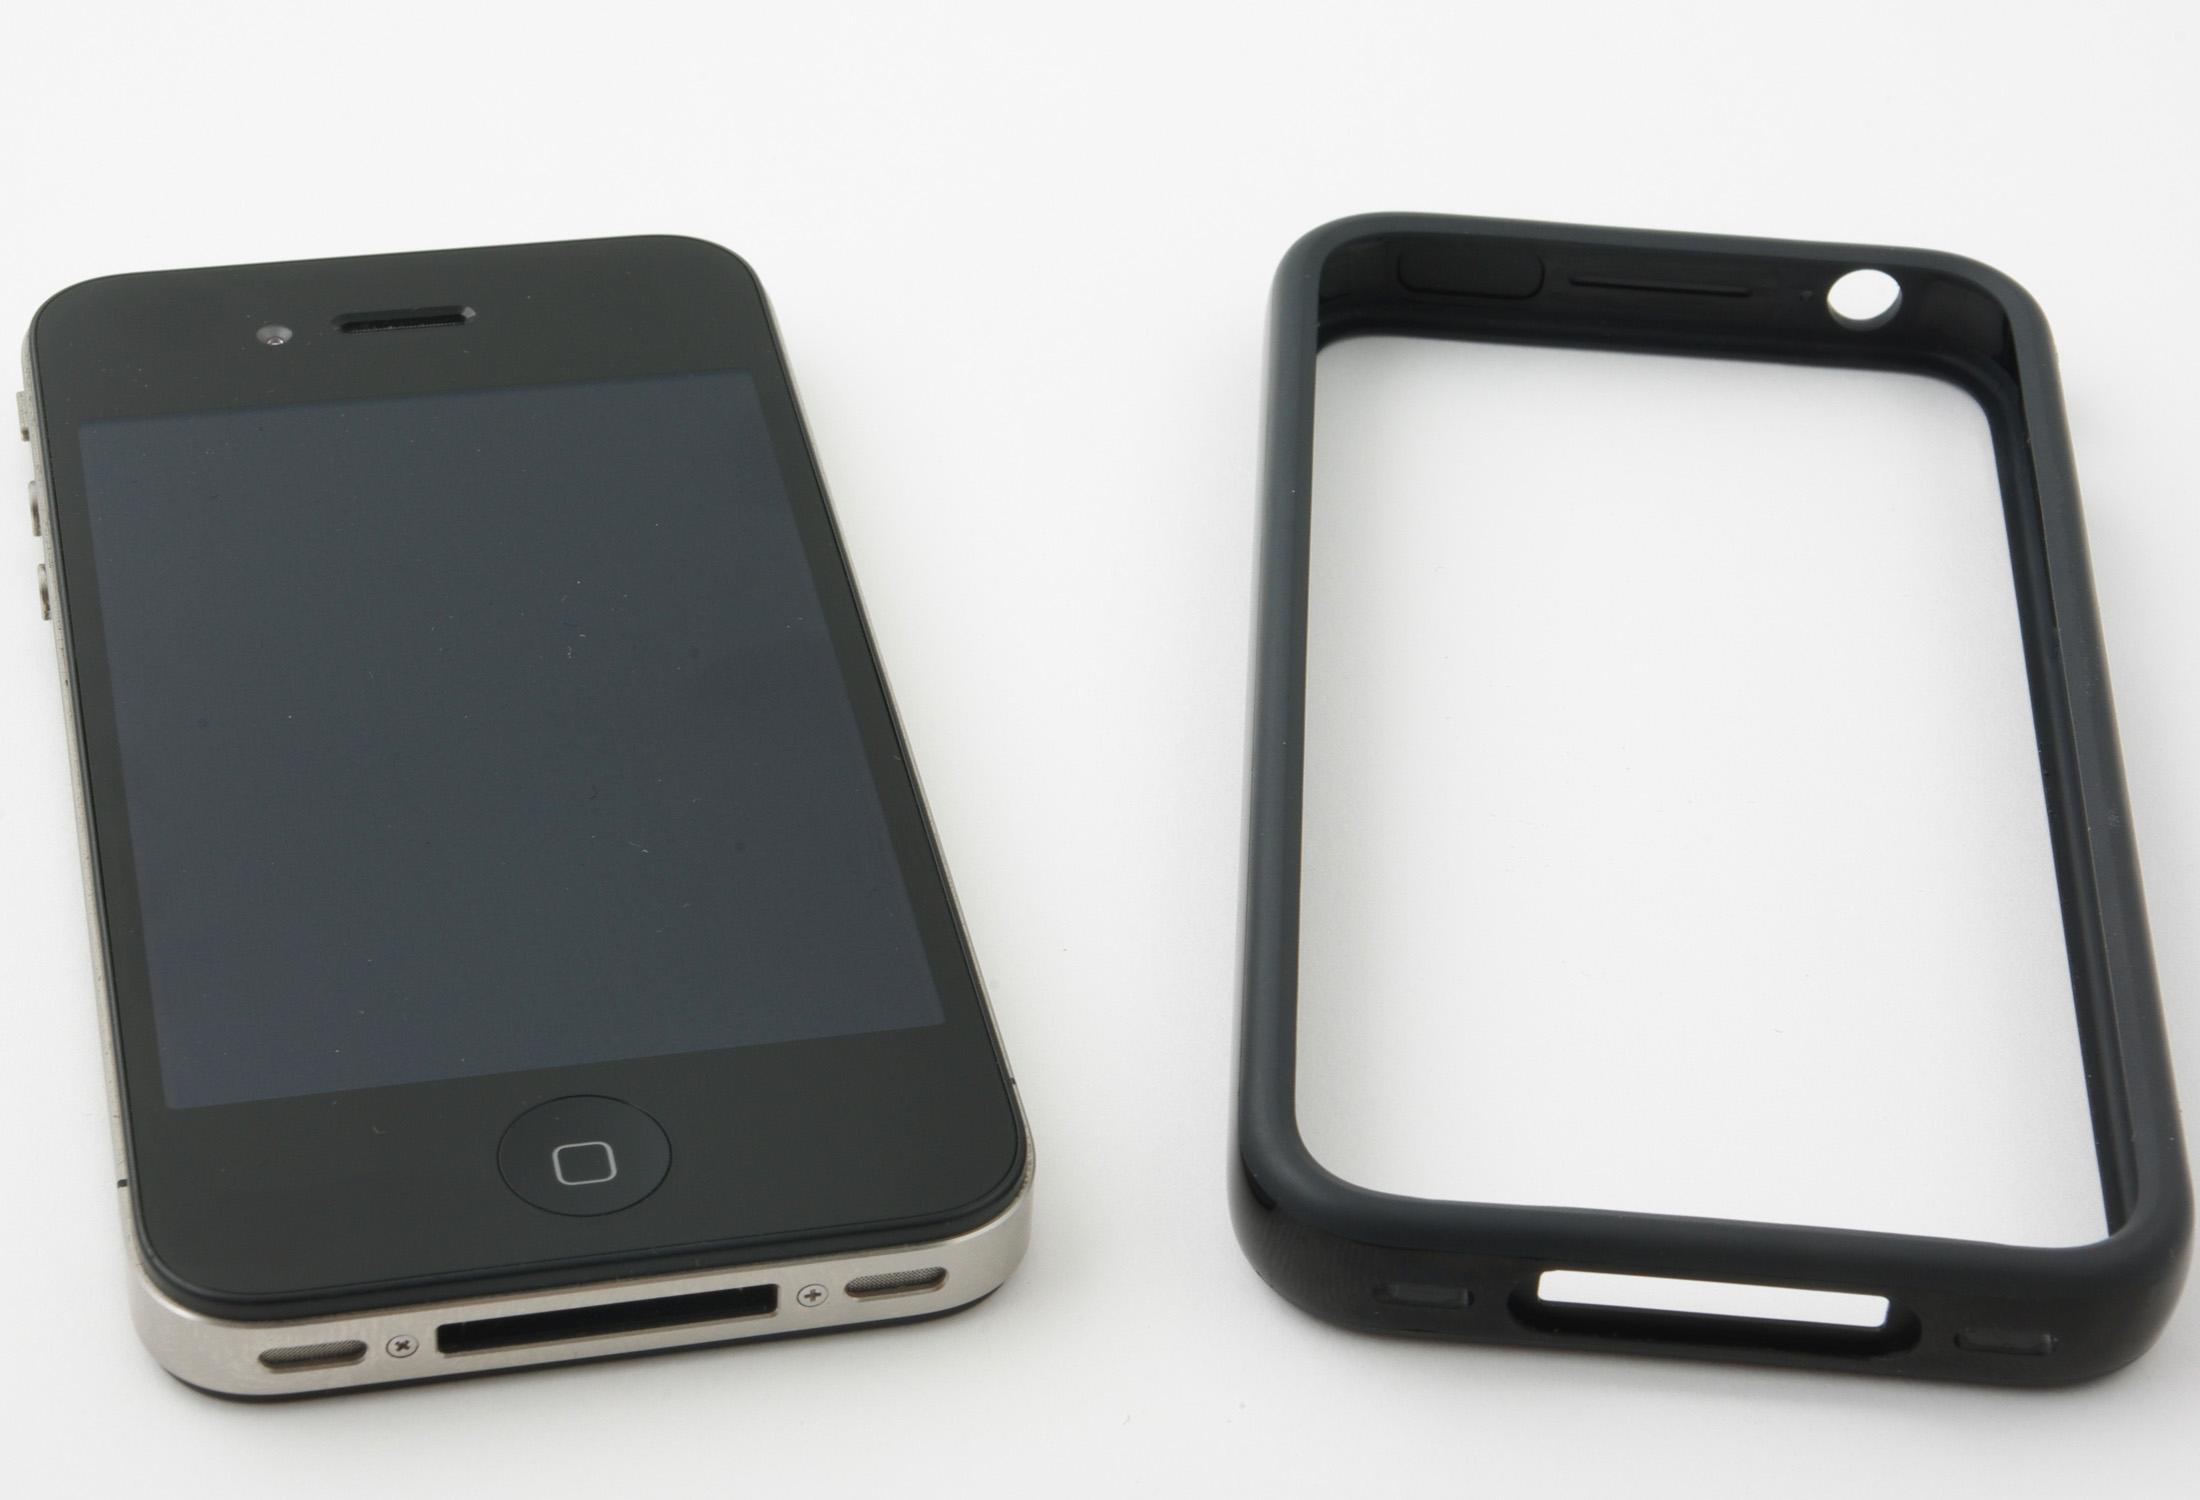 Slik ser Apples deksel ut. De kaller det en